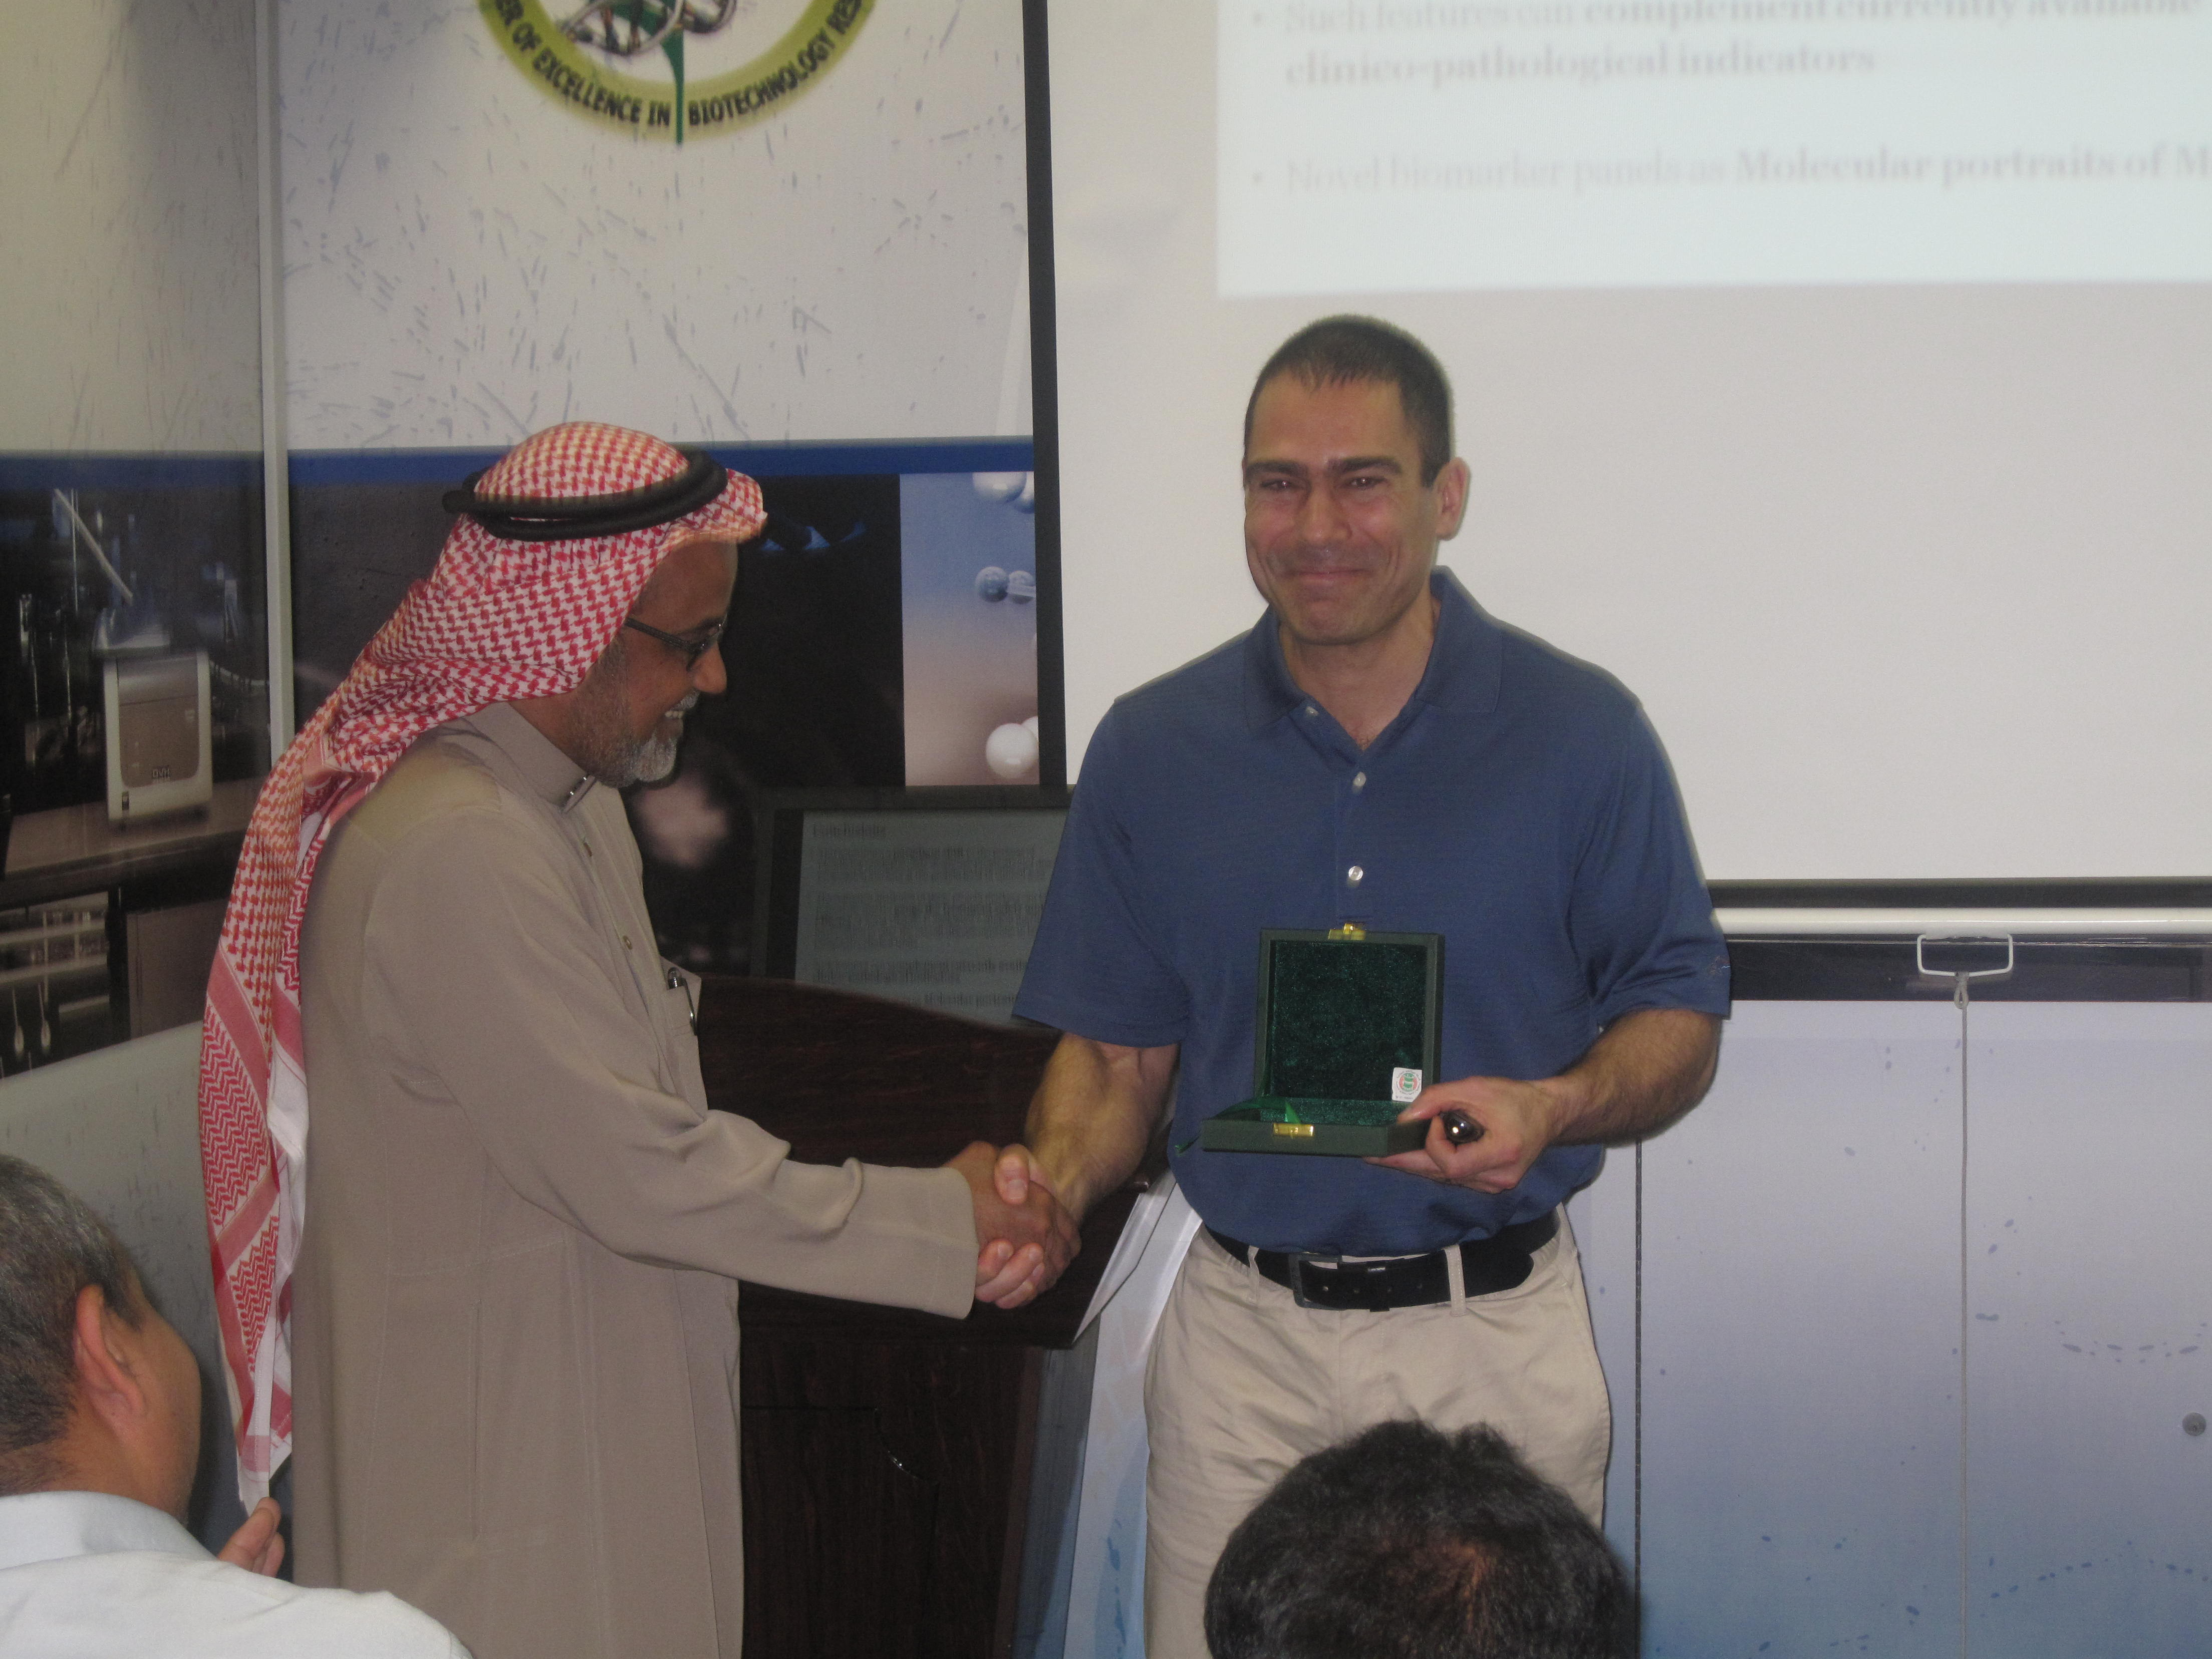 أستضاف برنامج أبحاث المؤشرات الحيوية البروفيسور جورج كروسيس والدكتور سبيروس كاربيس